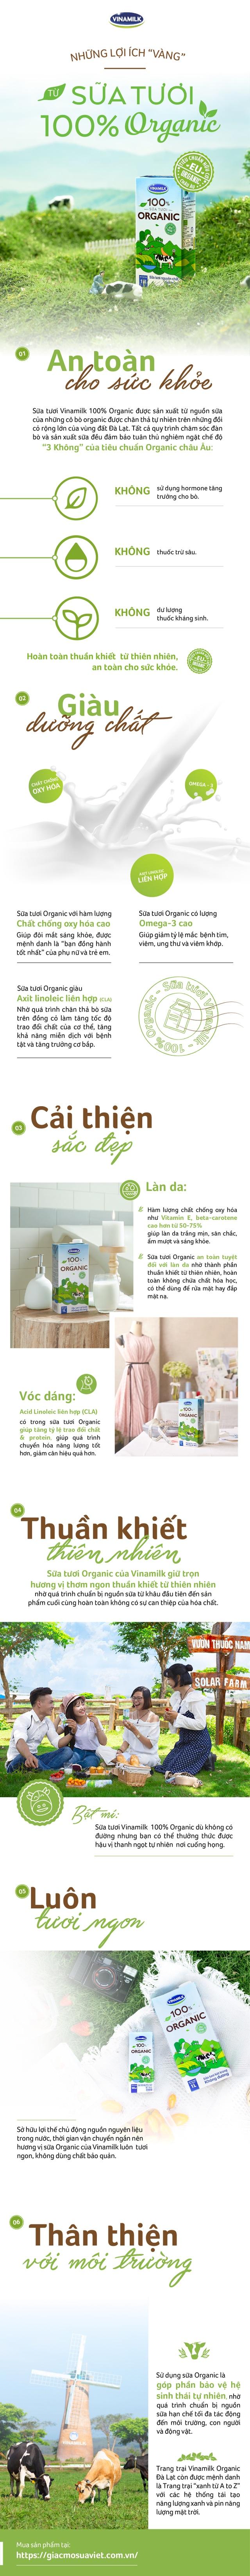 Những lợi ích không ngờ từ sữa tươi Organic - 1